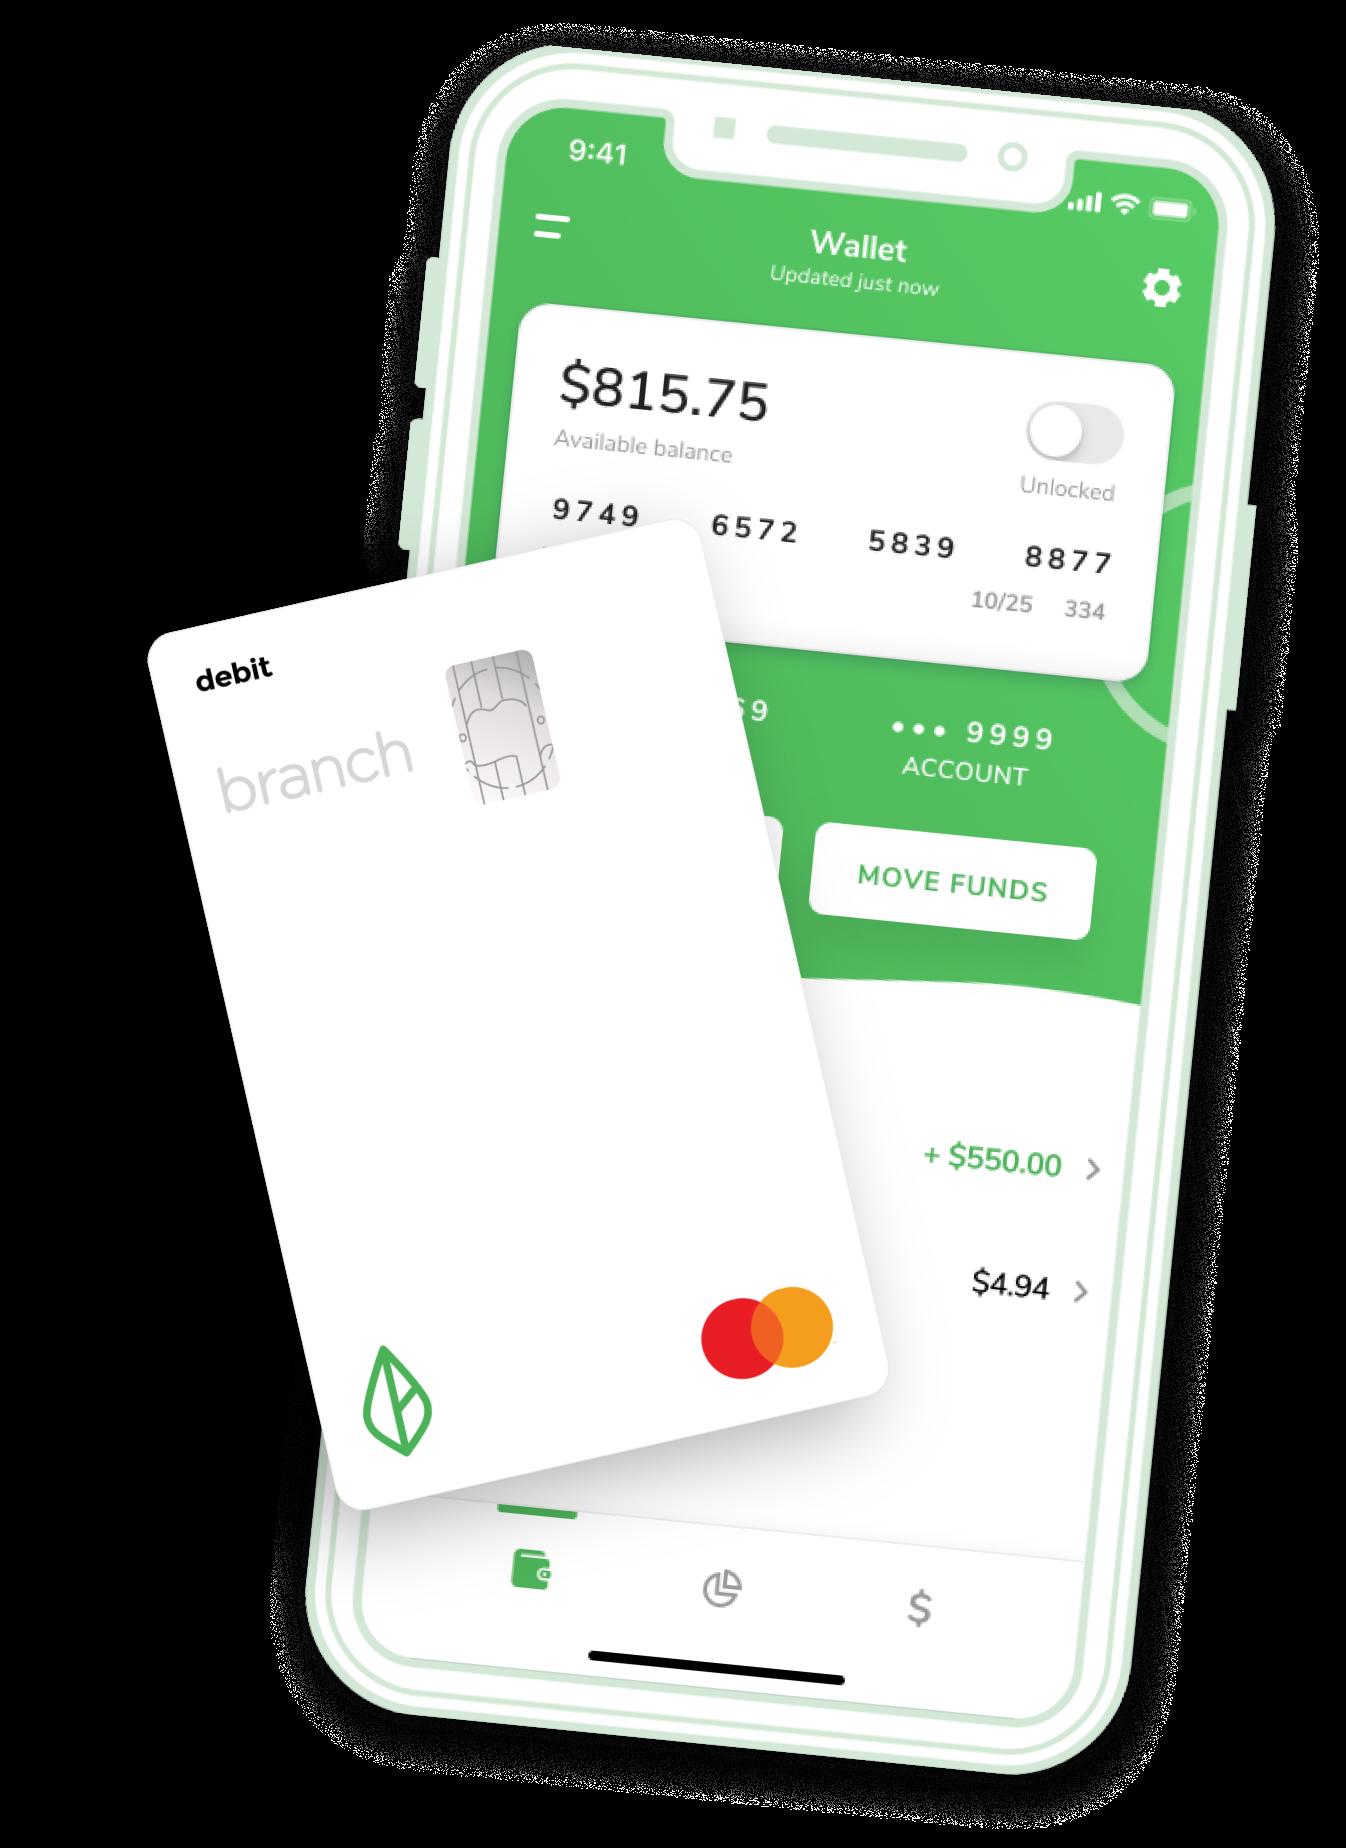 wallet-card-v3